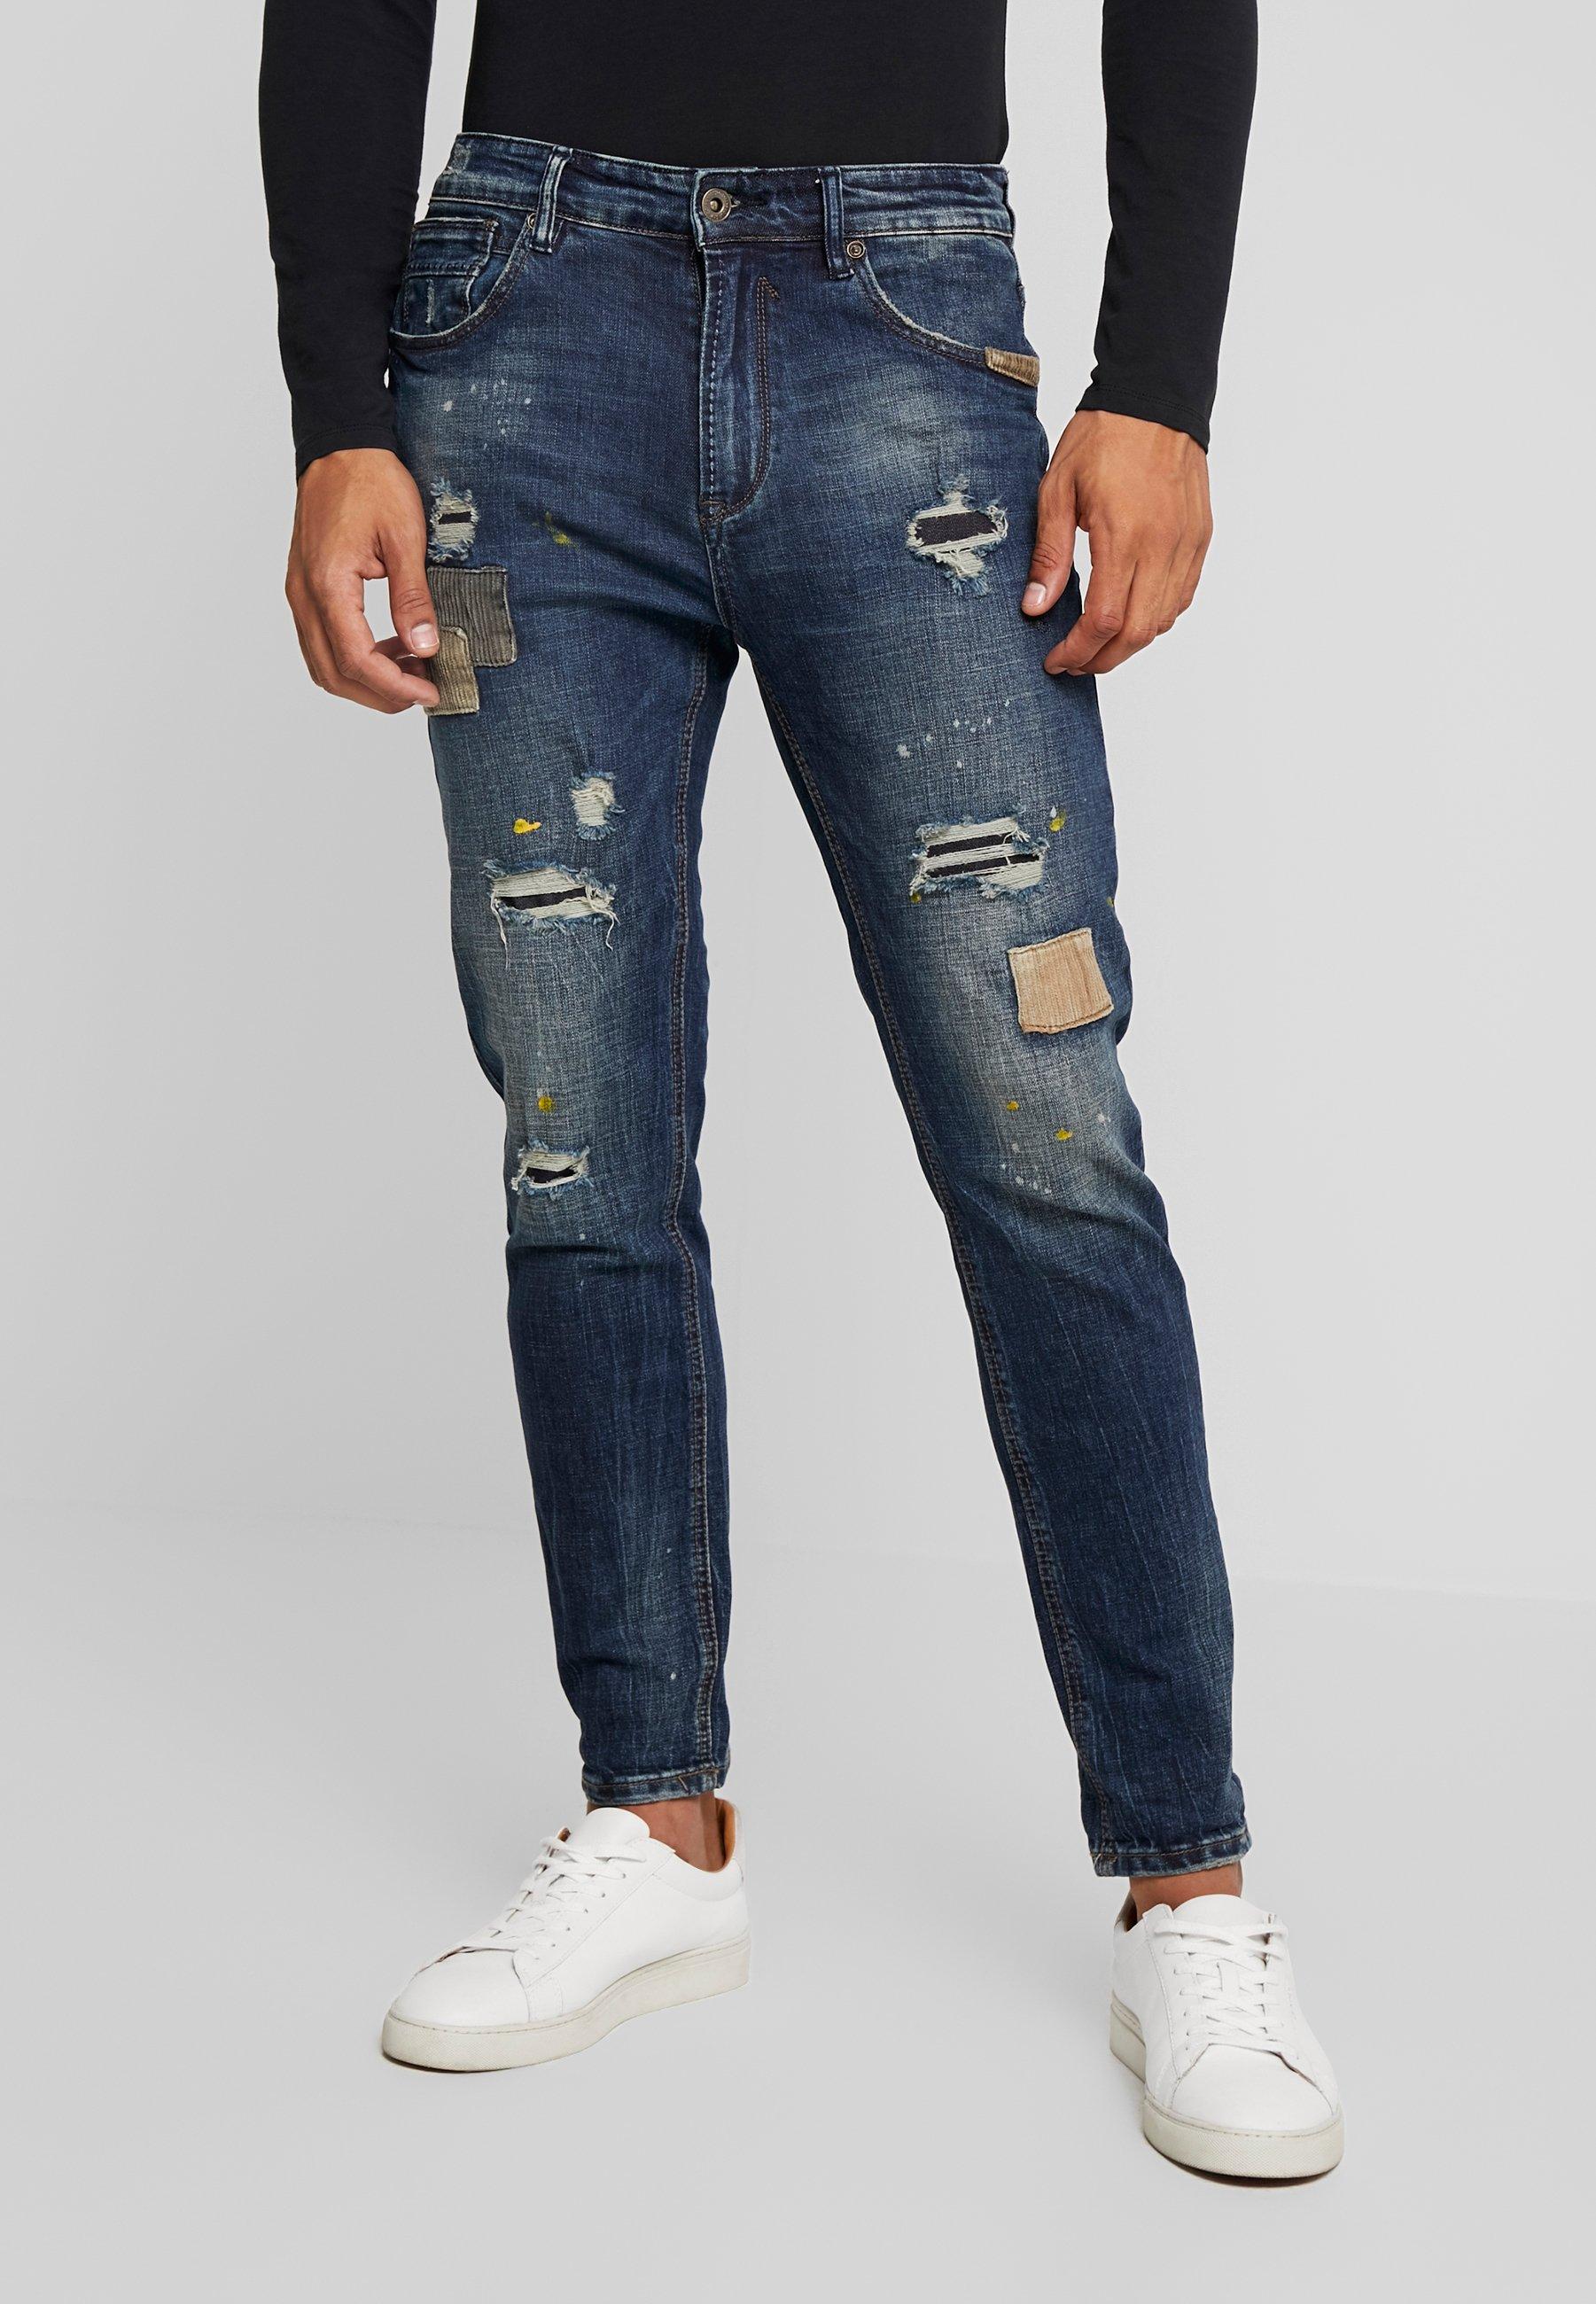 Jeans Gianni Jeans Jeans FuseléDenim FuseléDenim Lupo Lupo Gianni Lupo FuseléDenim Gianni 7vfgb6Yy